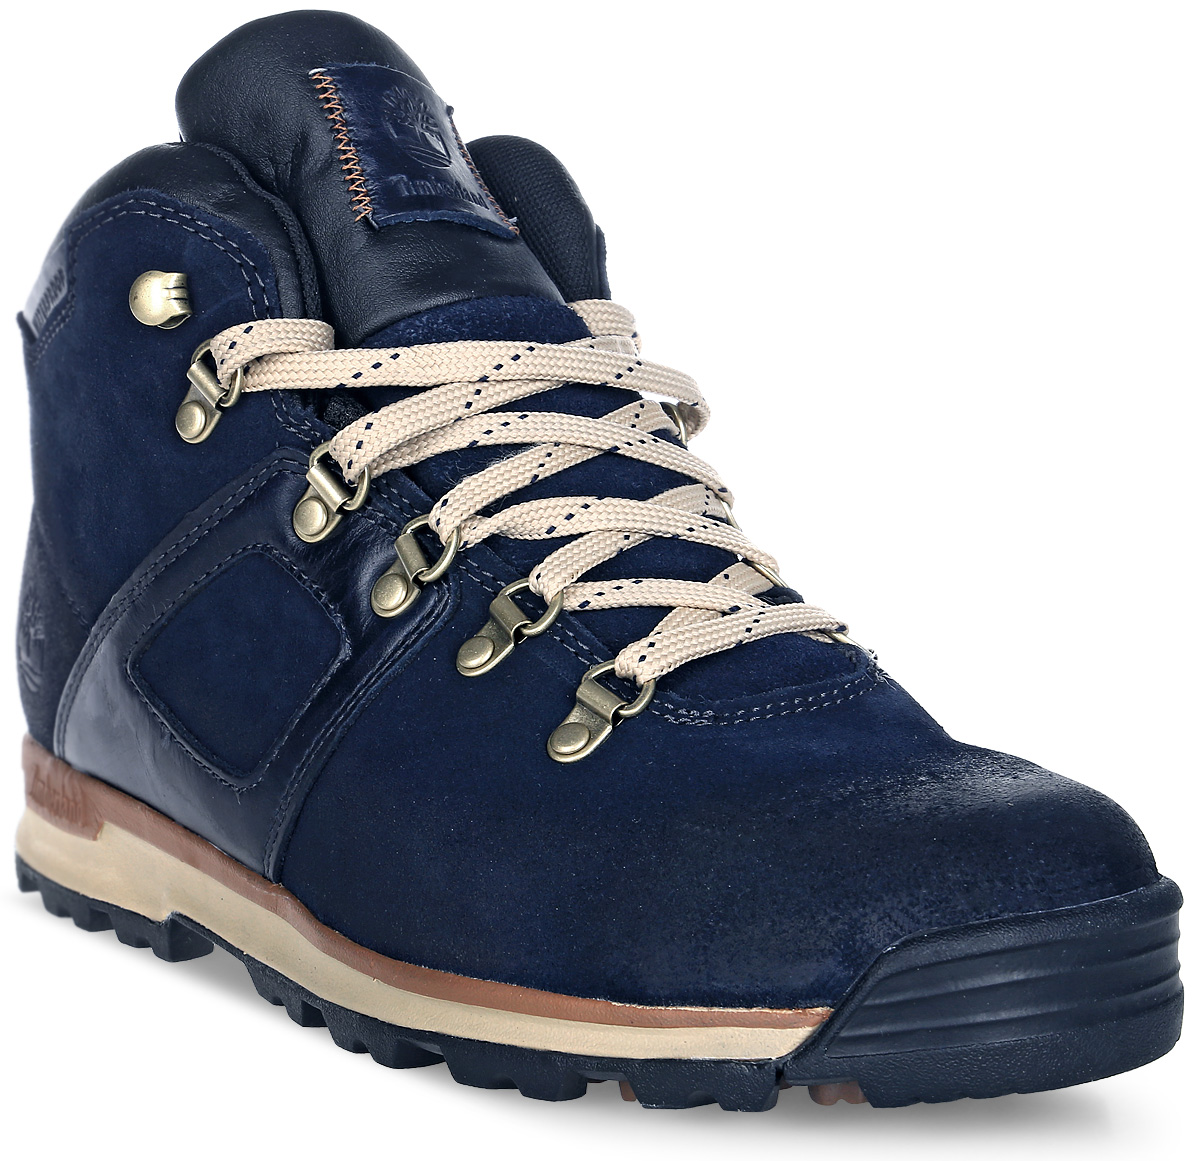 Ботинки мужские Timberland Mid Leather Waterproof, цвет: темно-синий. TBLA113VM. Размер 11 (44)TBLA113VMСтильные ботинки Timberland не оставят вас равнодушным. Модель на классической шнуровке, выполнена из натуральной замши. Внутренняя поверхность и стелька изготовлены из натуральной кожи. Модель дополнена на язычке фирменной нашивкой. Подошва с рифлением обеспечивает идеальное сцепление с любыми поверхностями. Такие чудесные ботинки займут достойное место в вашем гардеробе.